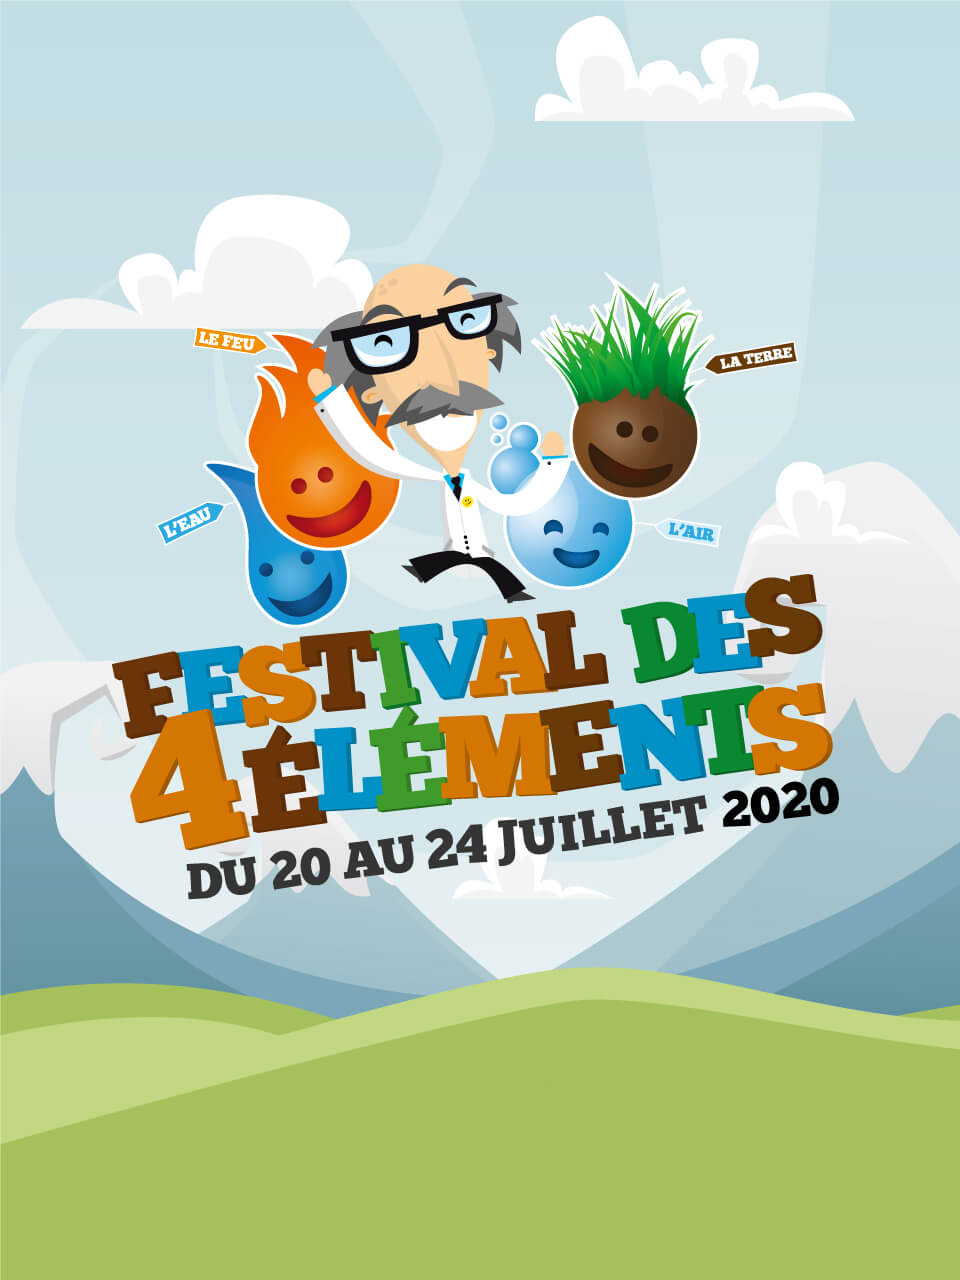 Affiche 2020 Festival des 4 éléments